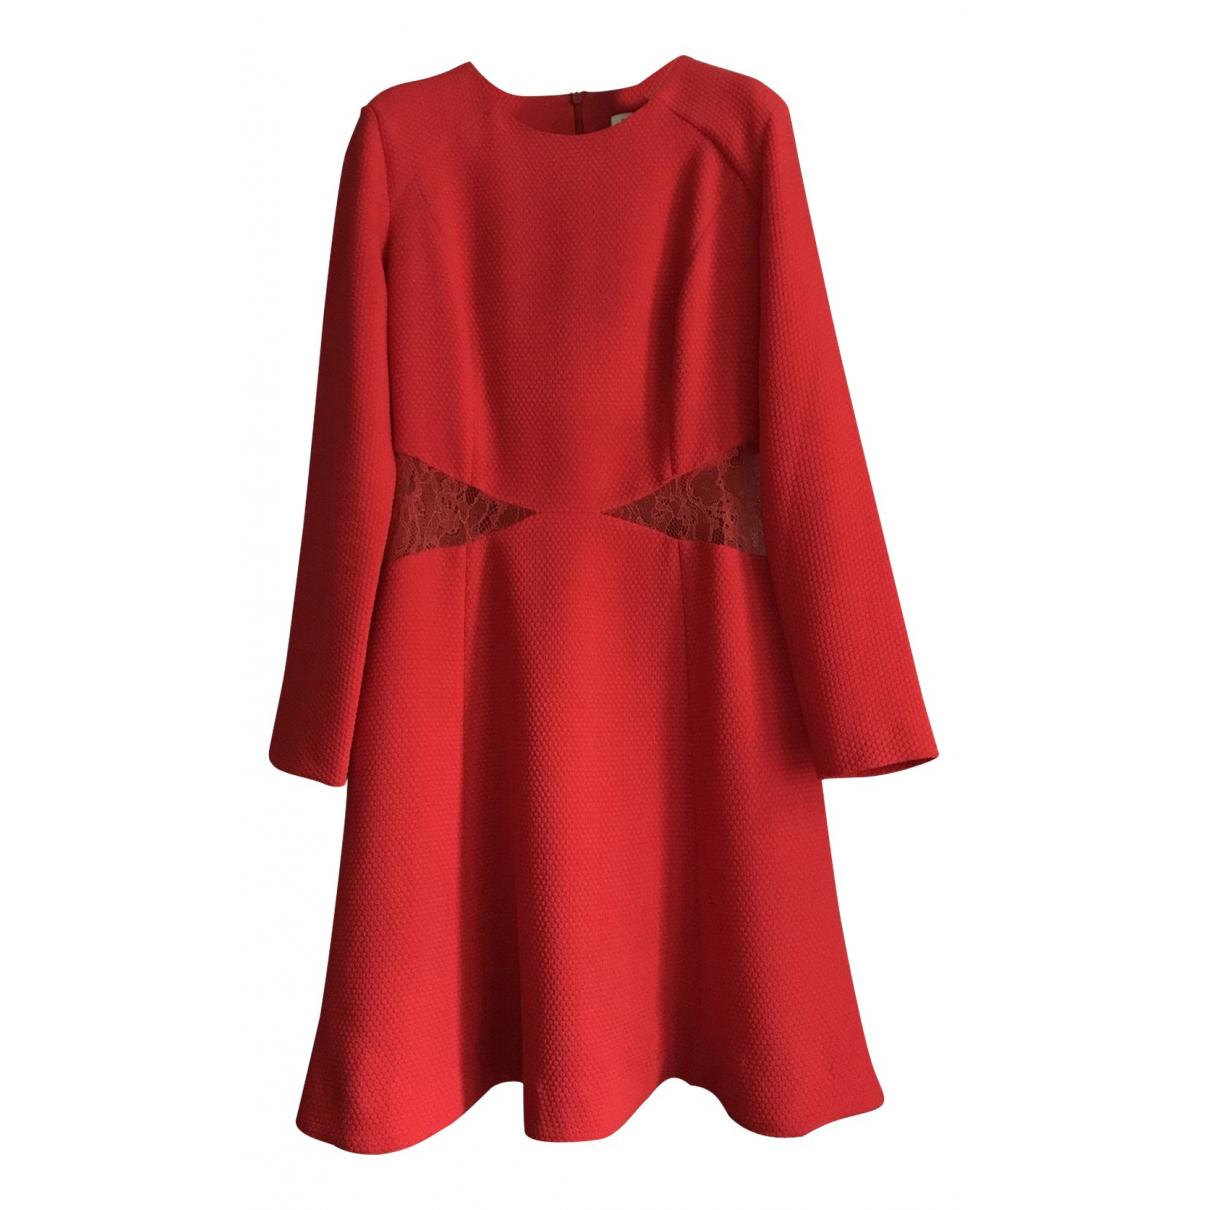 Sandro \N Red dress for Women 2 0-5